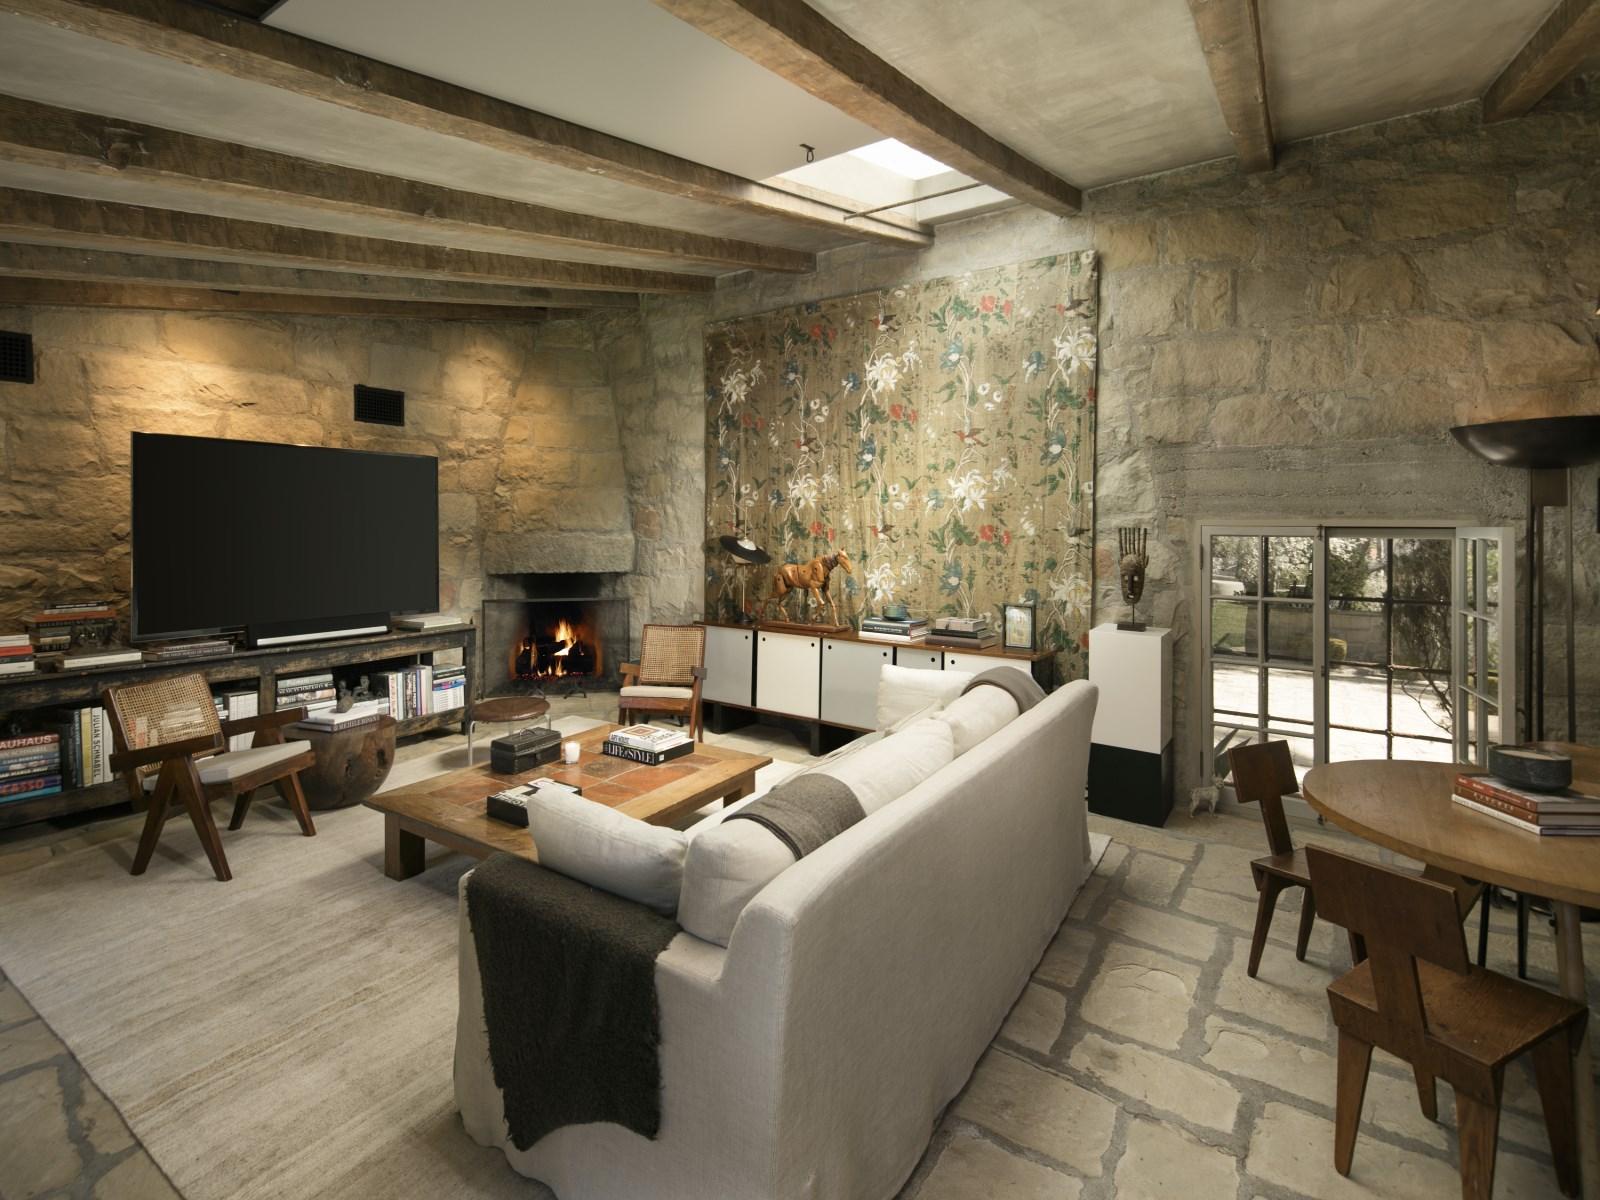 La vivienda principal cuenta con 975 m2 repartidos en dos niveles